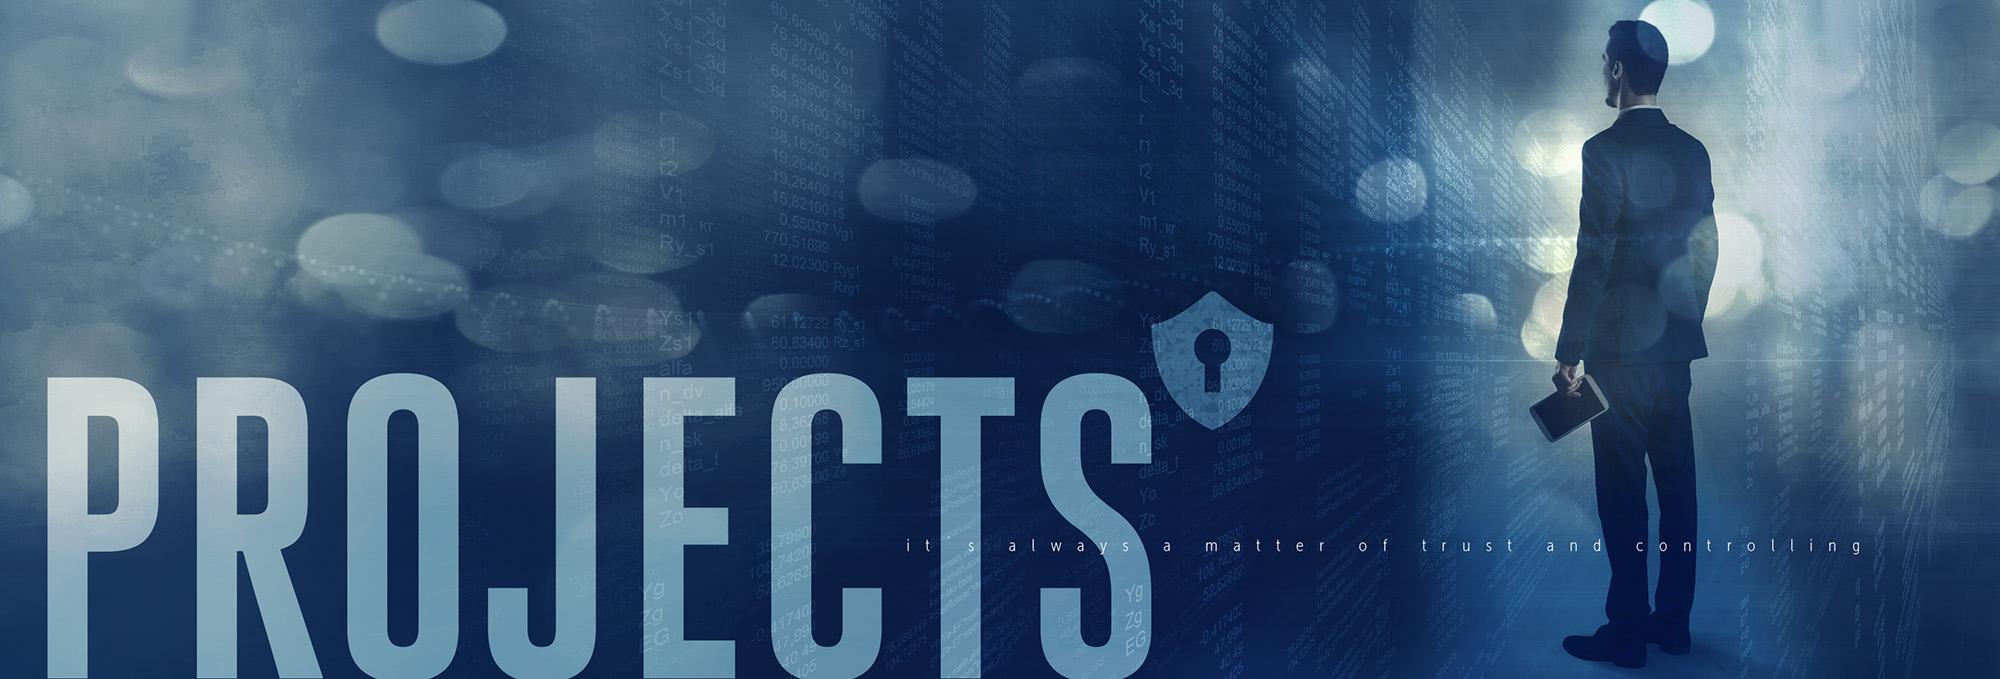 Eicar – EUROPEAN EXPERT GROUP FOR IT-SECURITY